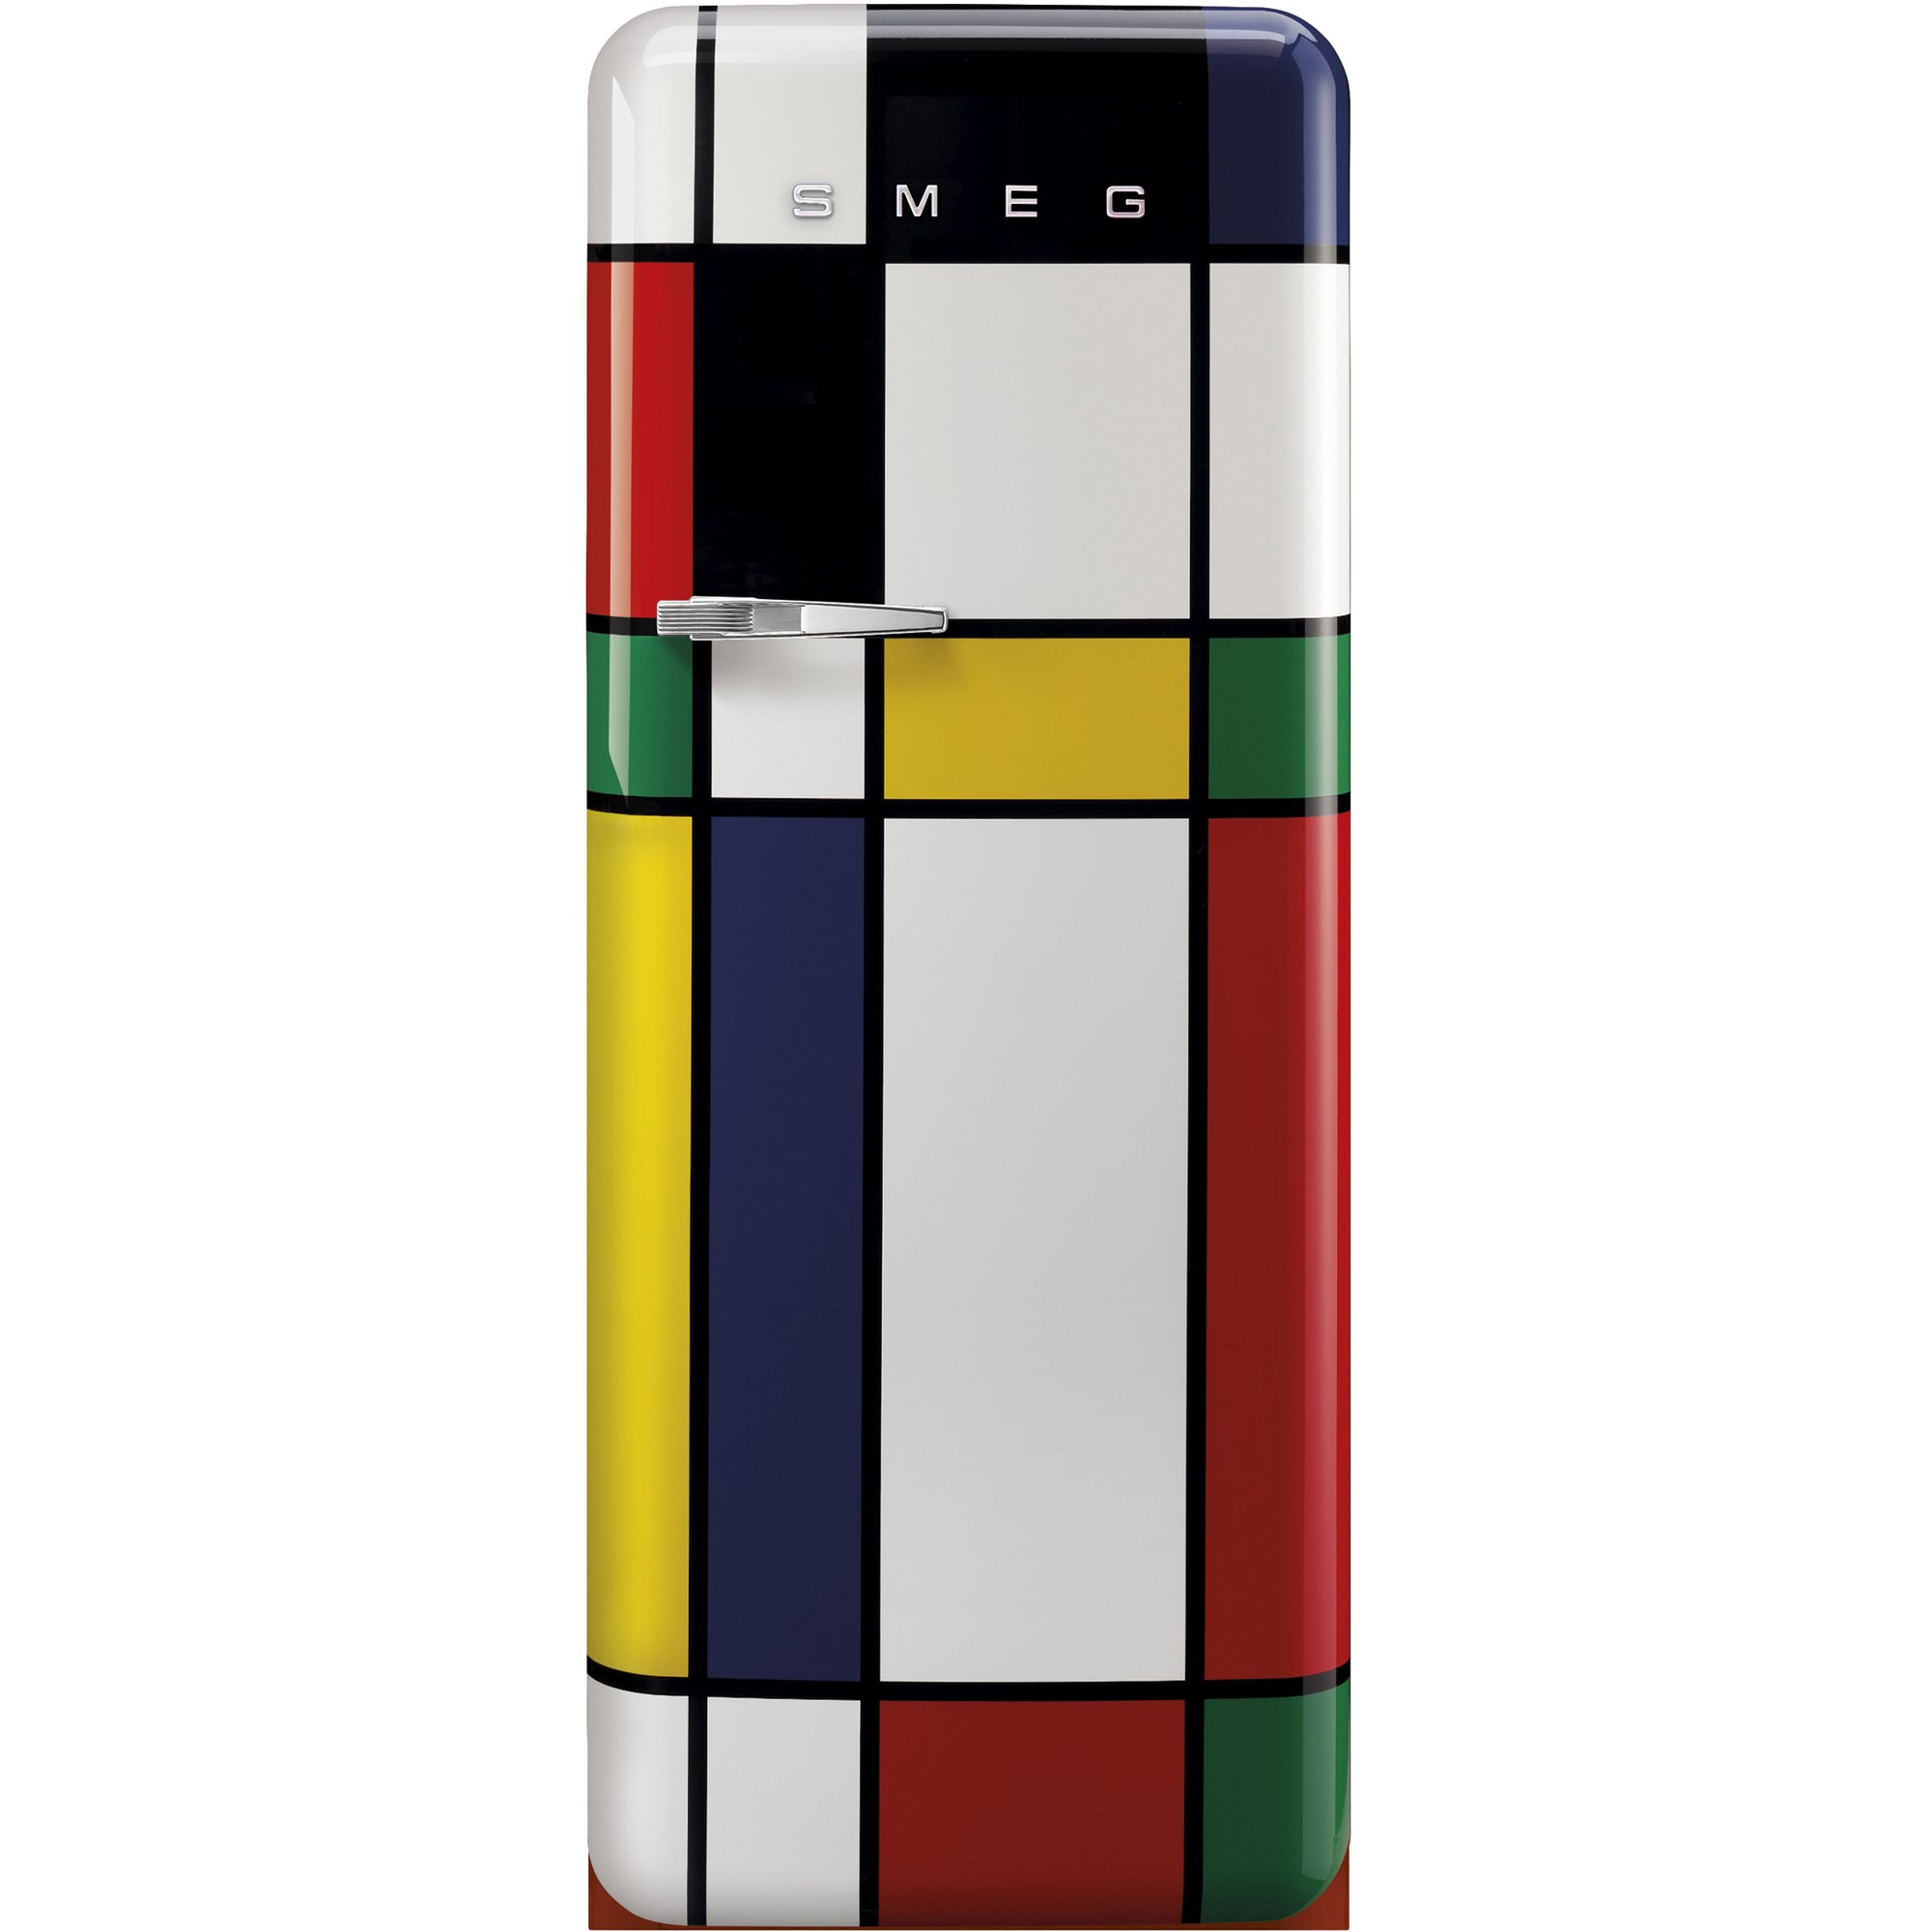 Smeg Kylskåp i 50-tals Retrostil Högerhängt Mondrian